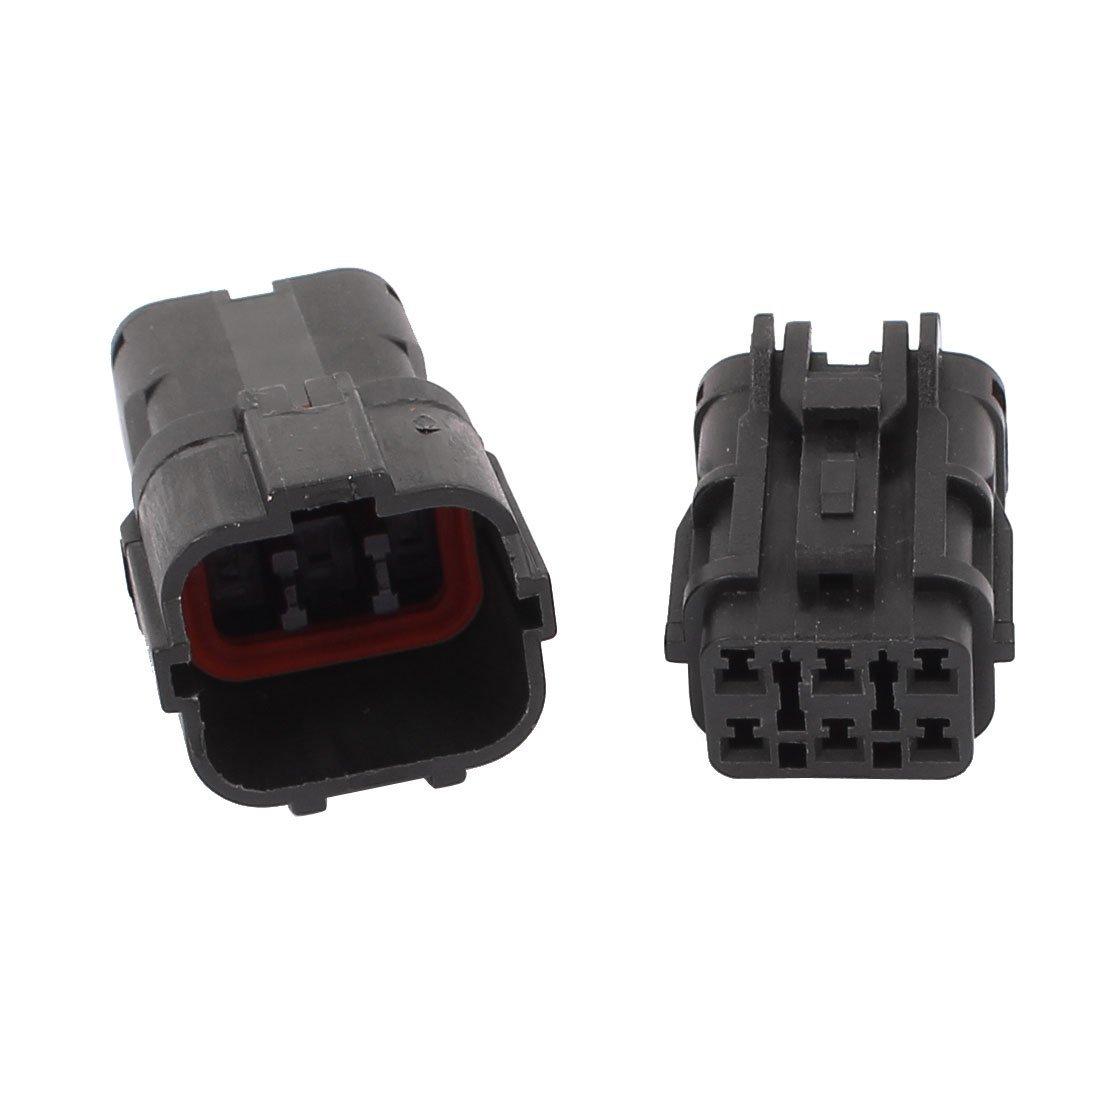 Amazon.com: eDealMax 2 Ajuste del Tiempo sellada Conector Prueba Kit 1.8mm Terminal de calefacción adaptador Para el coche automático Negro: Car Electronics